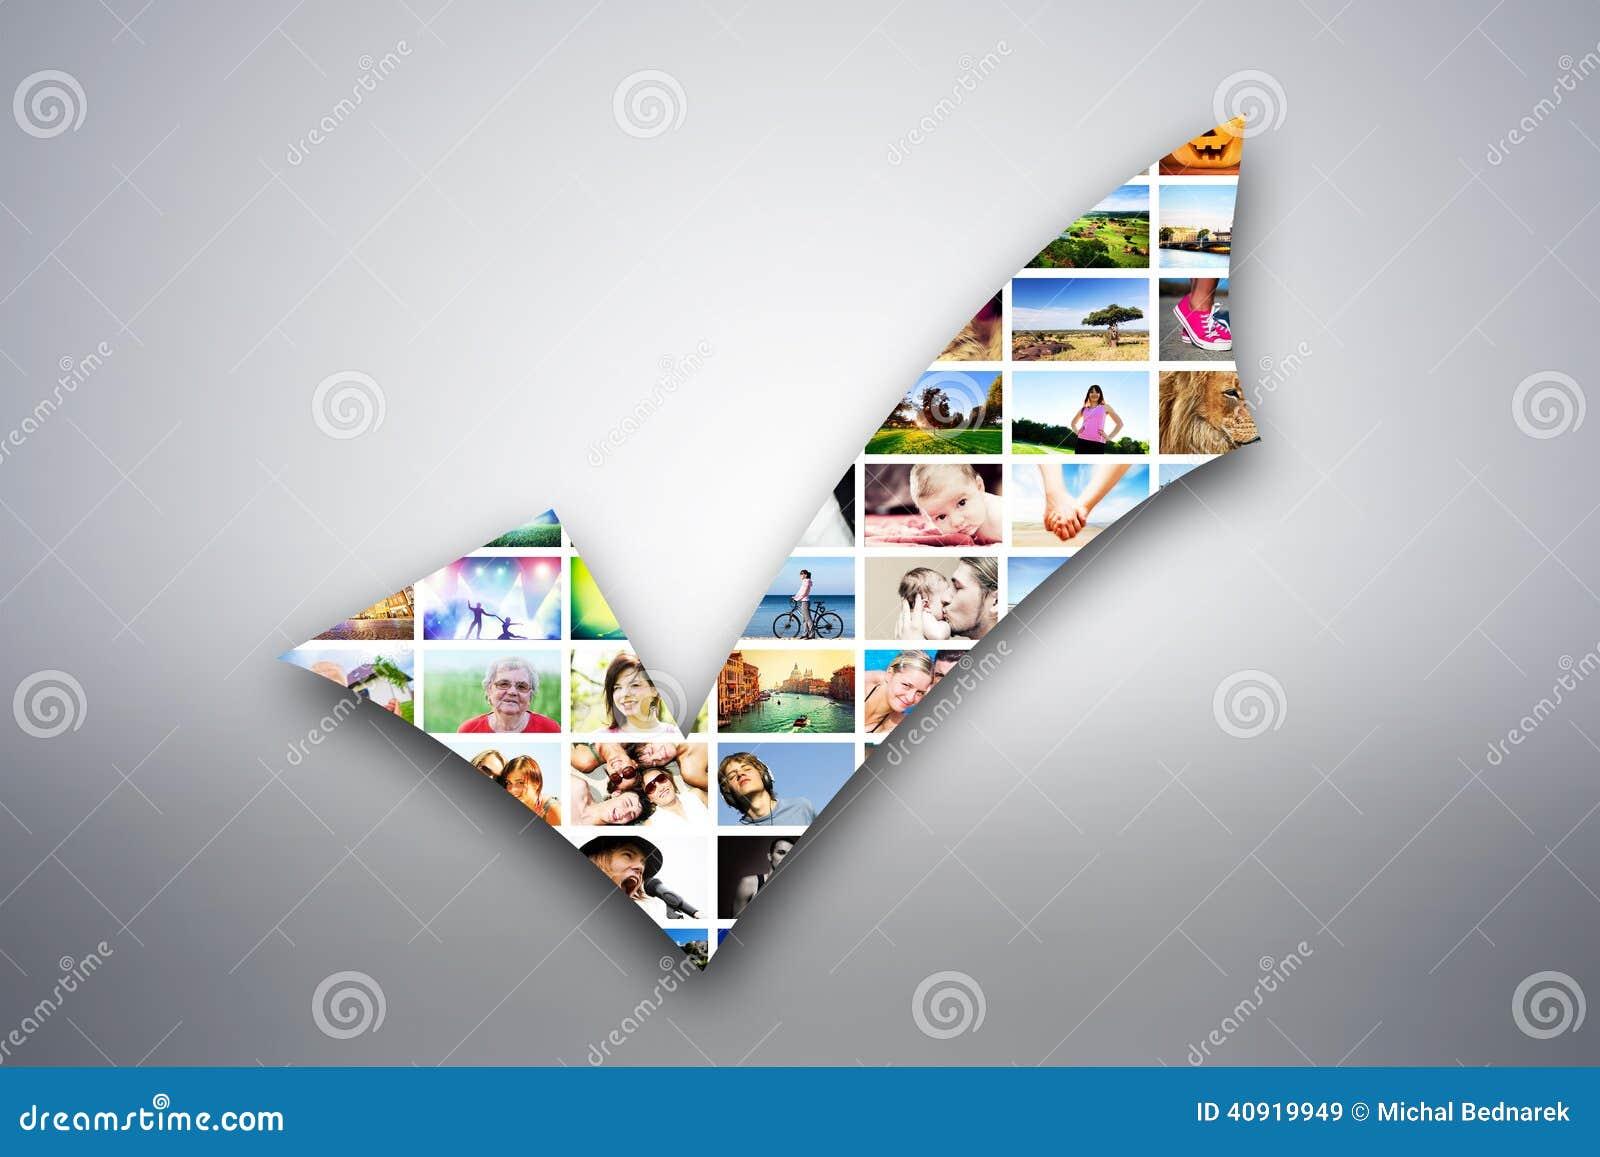 Coche, élément de conception de coutil fait de photos des personnes, animaux et endroits